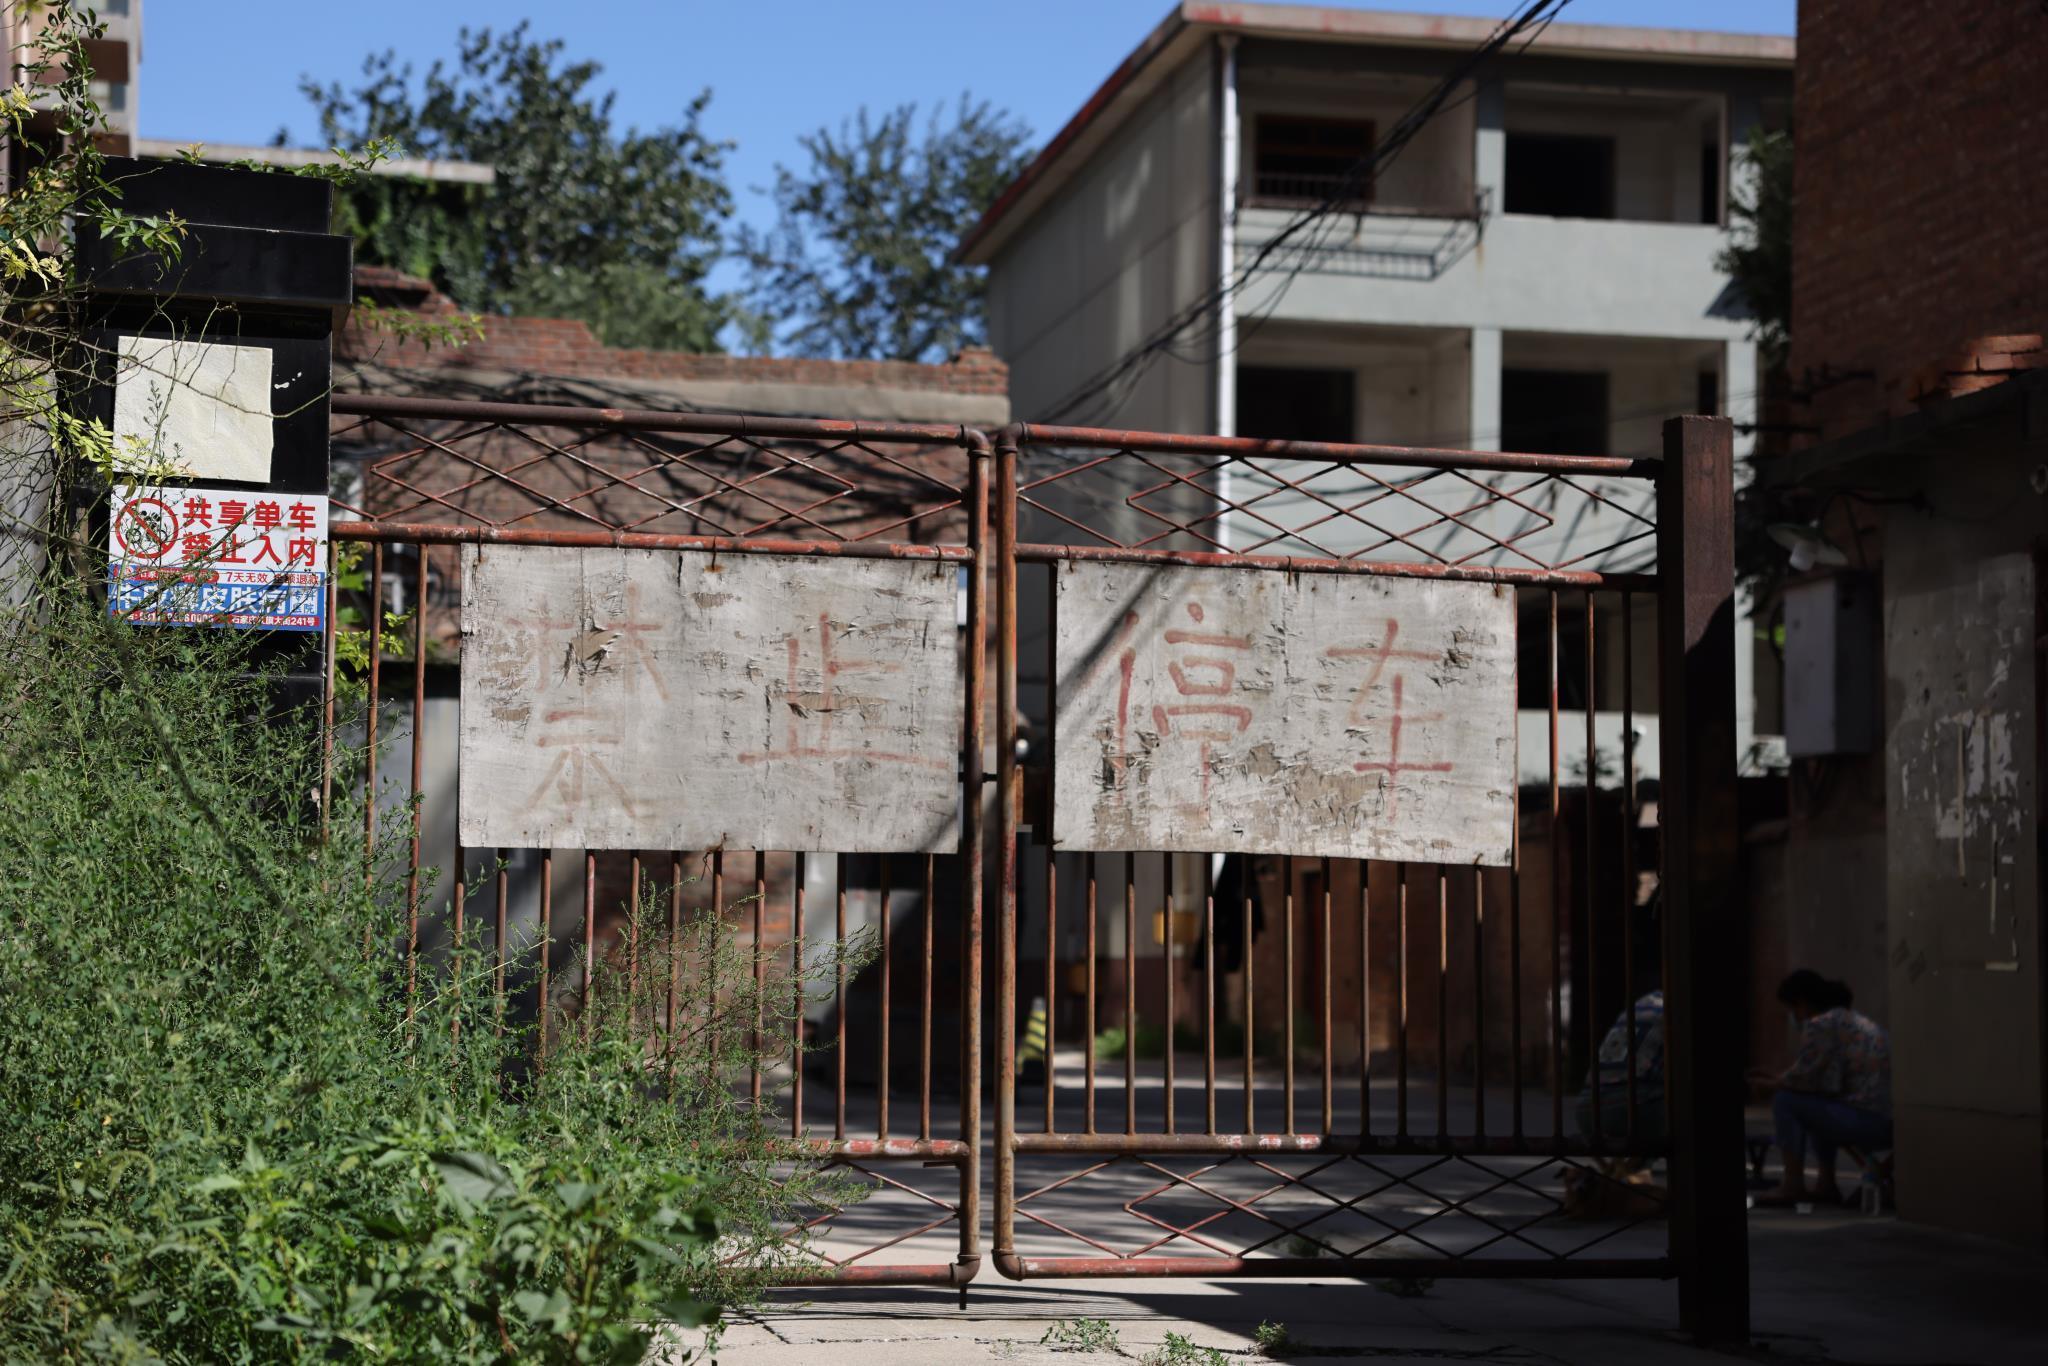 石家庄友谊北大街64号院旧城改造项目8年未动工,院内杂草丛生